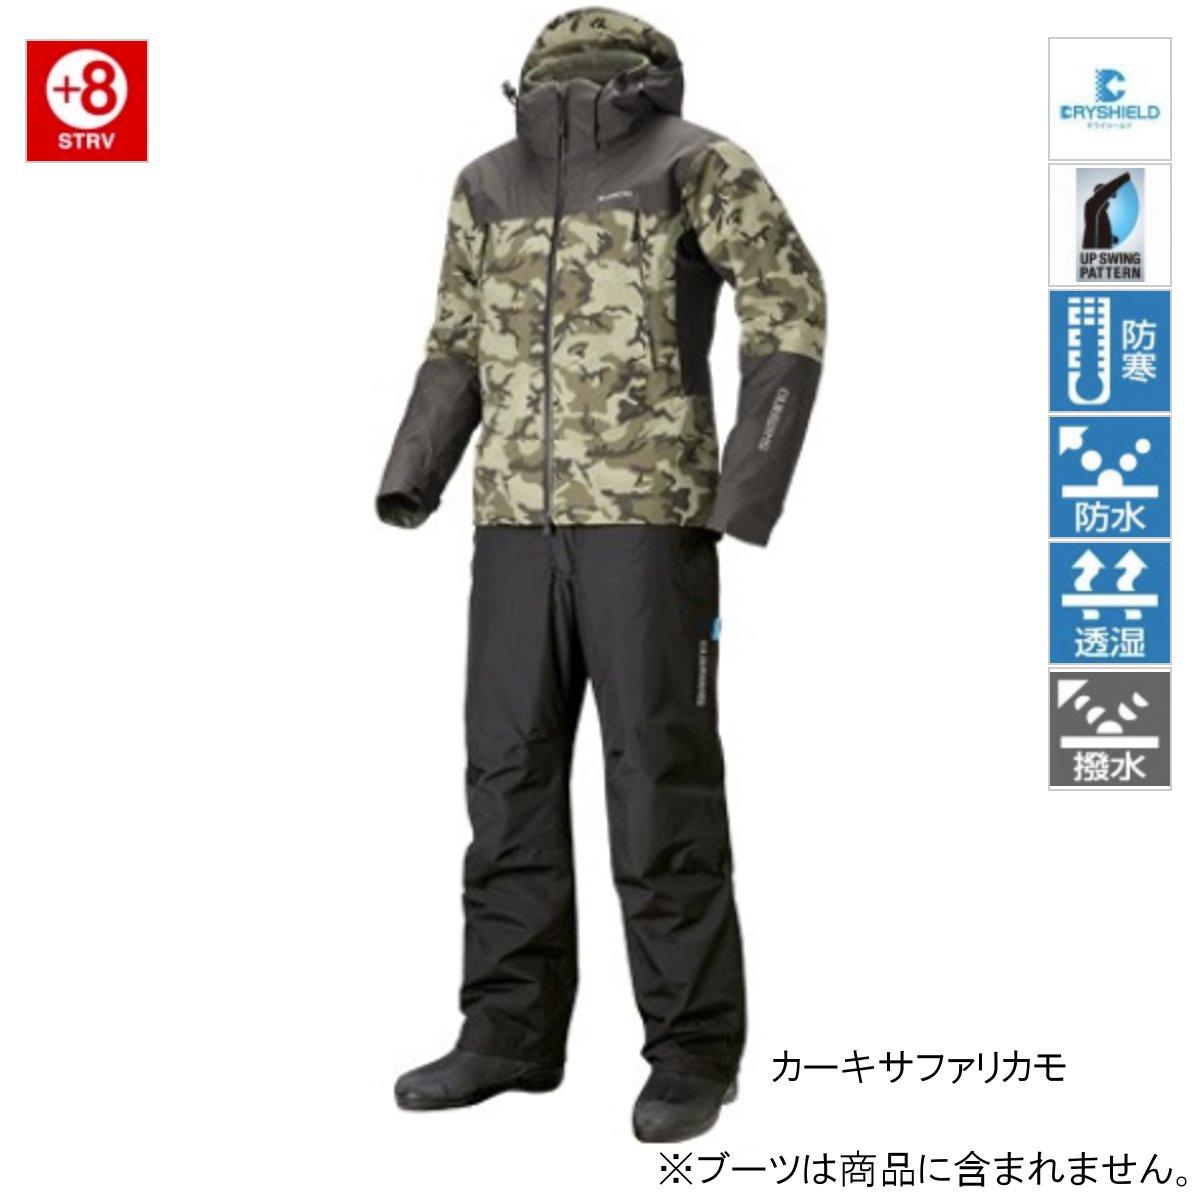 シマノ DSアドバンスウォームスーツ RB-025R M カーキサファリカモ